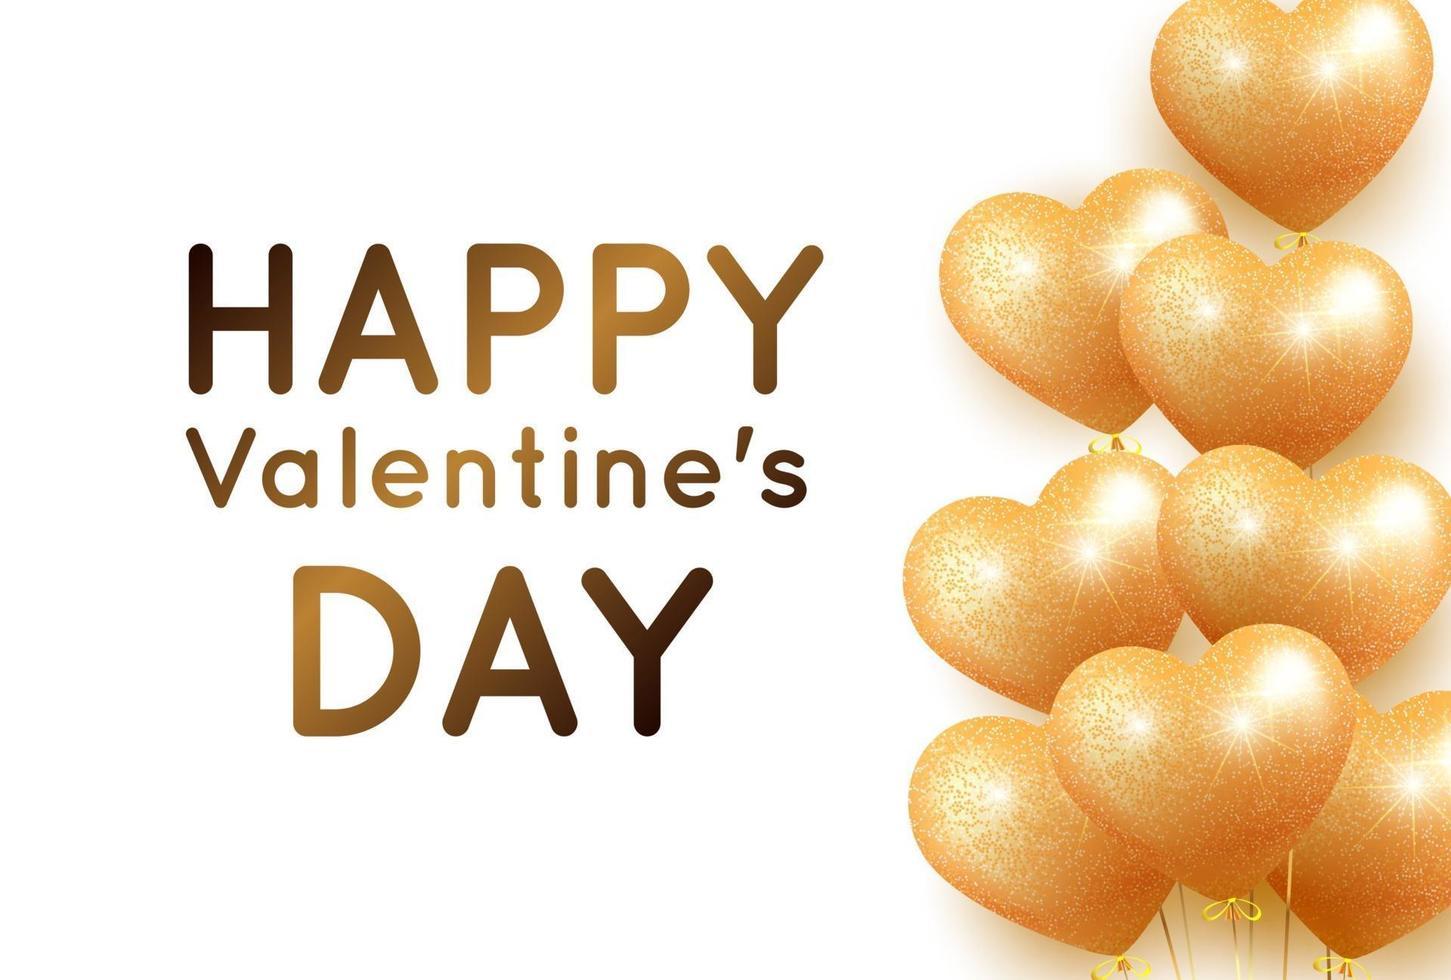 bannière avec des ballons coeur doré pour la saint valentin vecteur